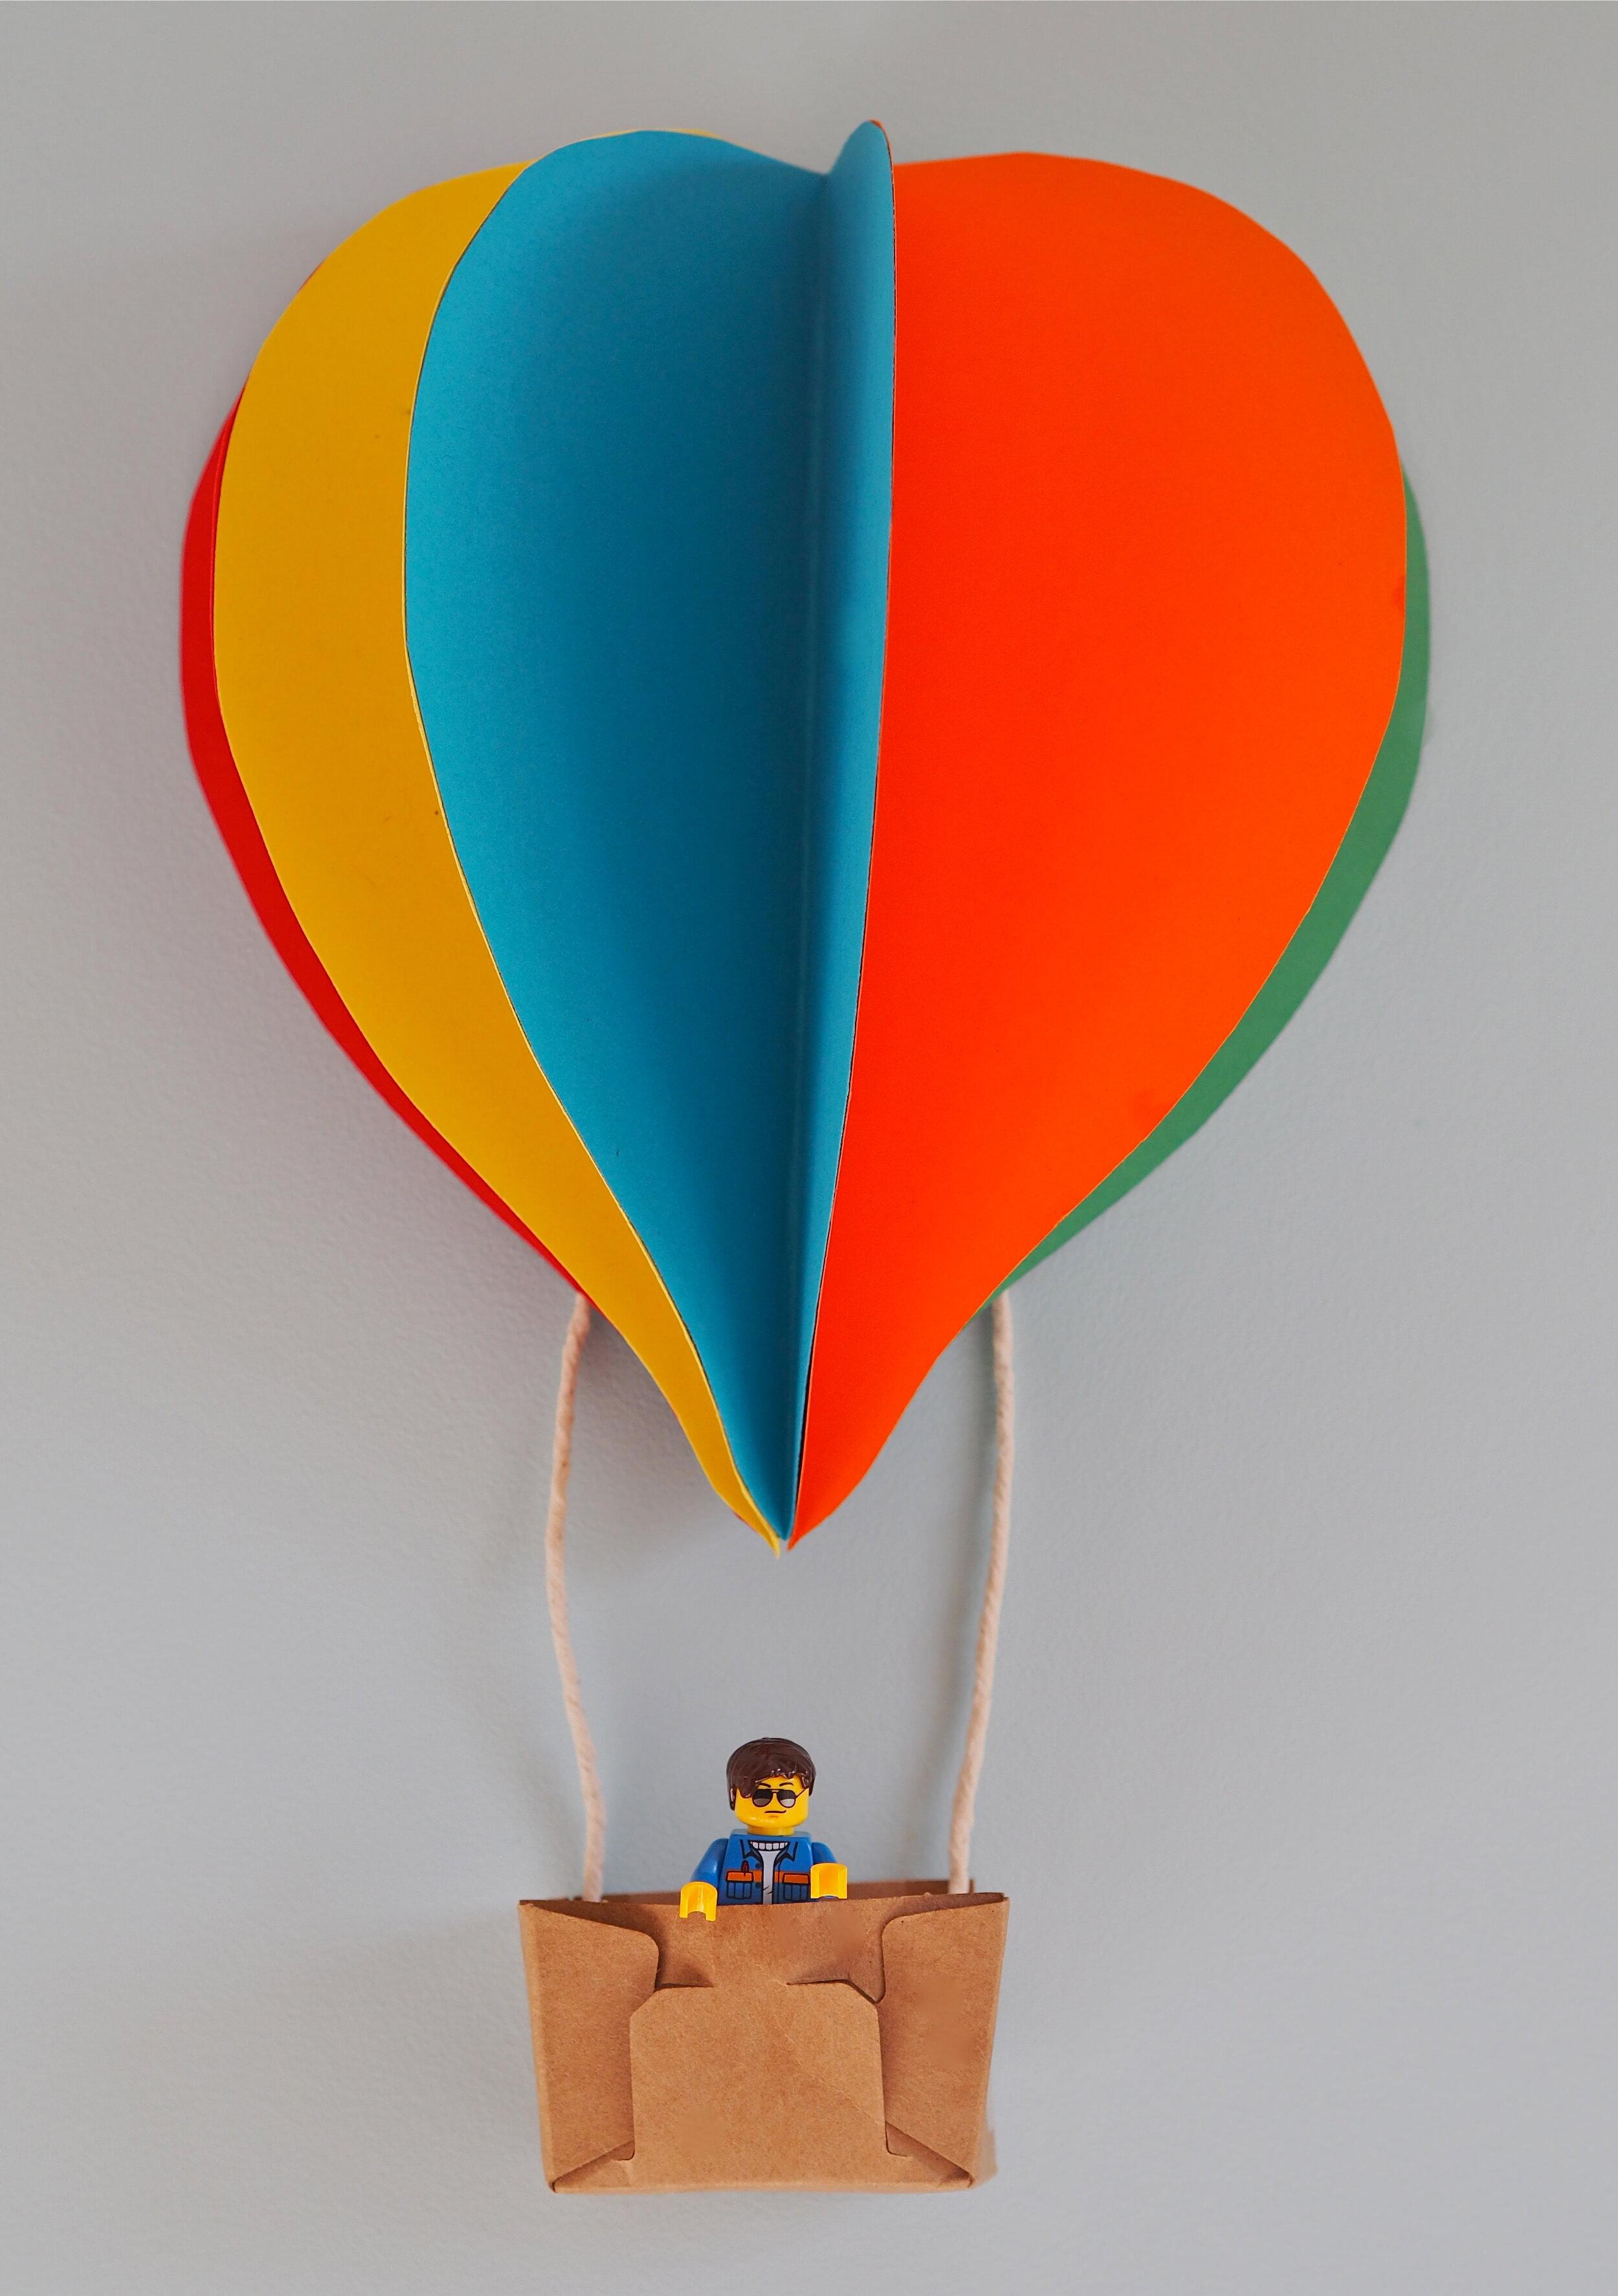 lego hot air ballon